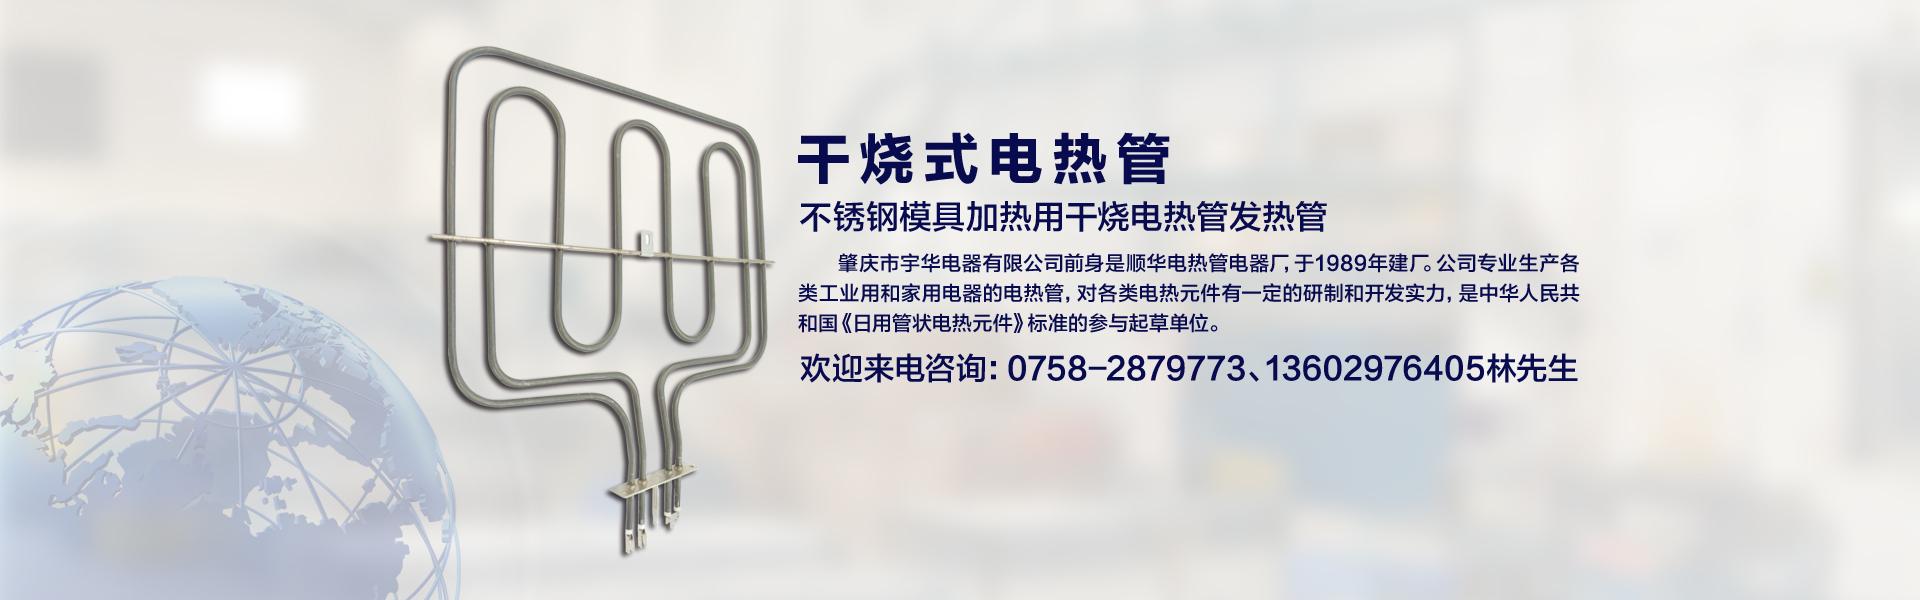 肇庆市宇华电器500万彩票专业生产干烧式电热管,单头电热管和不锈钢电加热管。